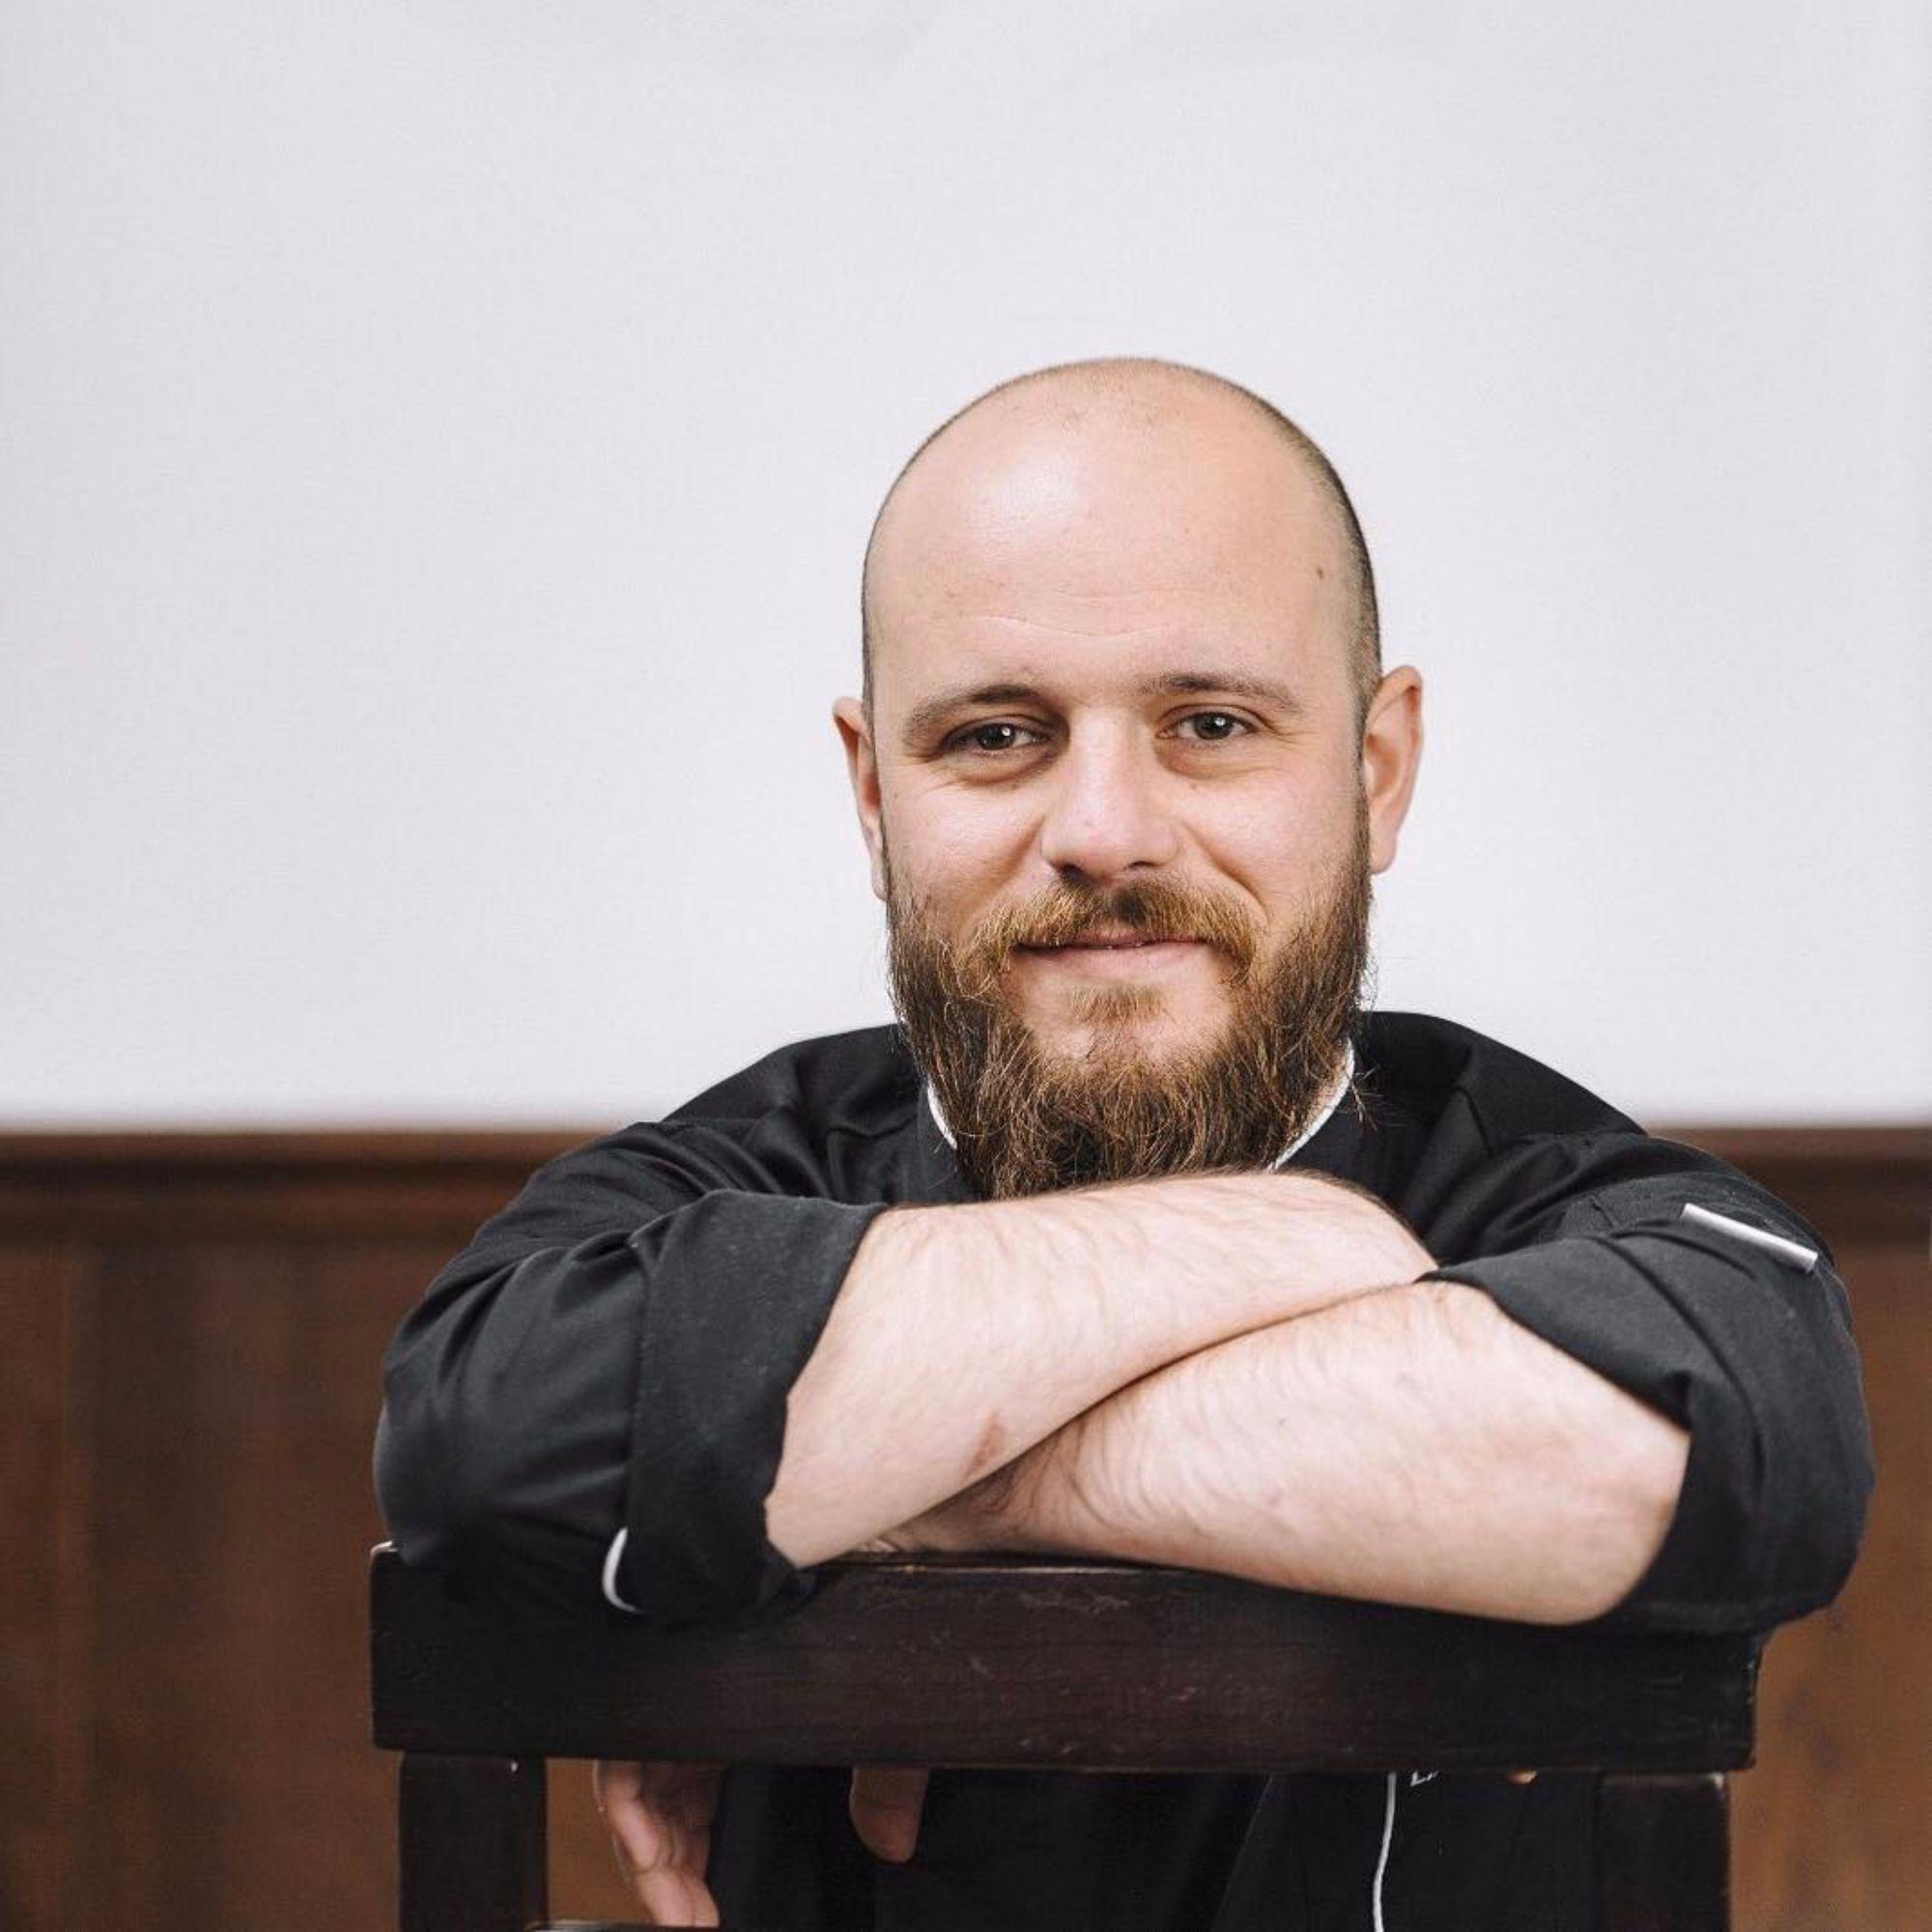 El chef, Luis Ángel Pérez, 'Medea', curtido en los fogones de restaurantes como 'DiverXo'. Foto: Facebook.